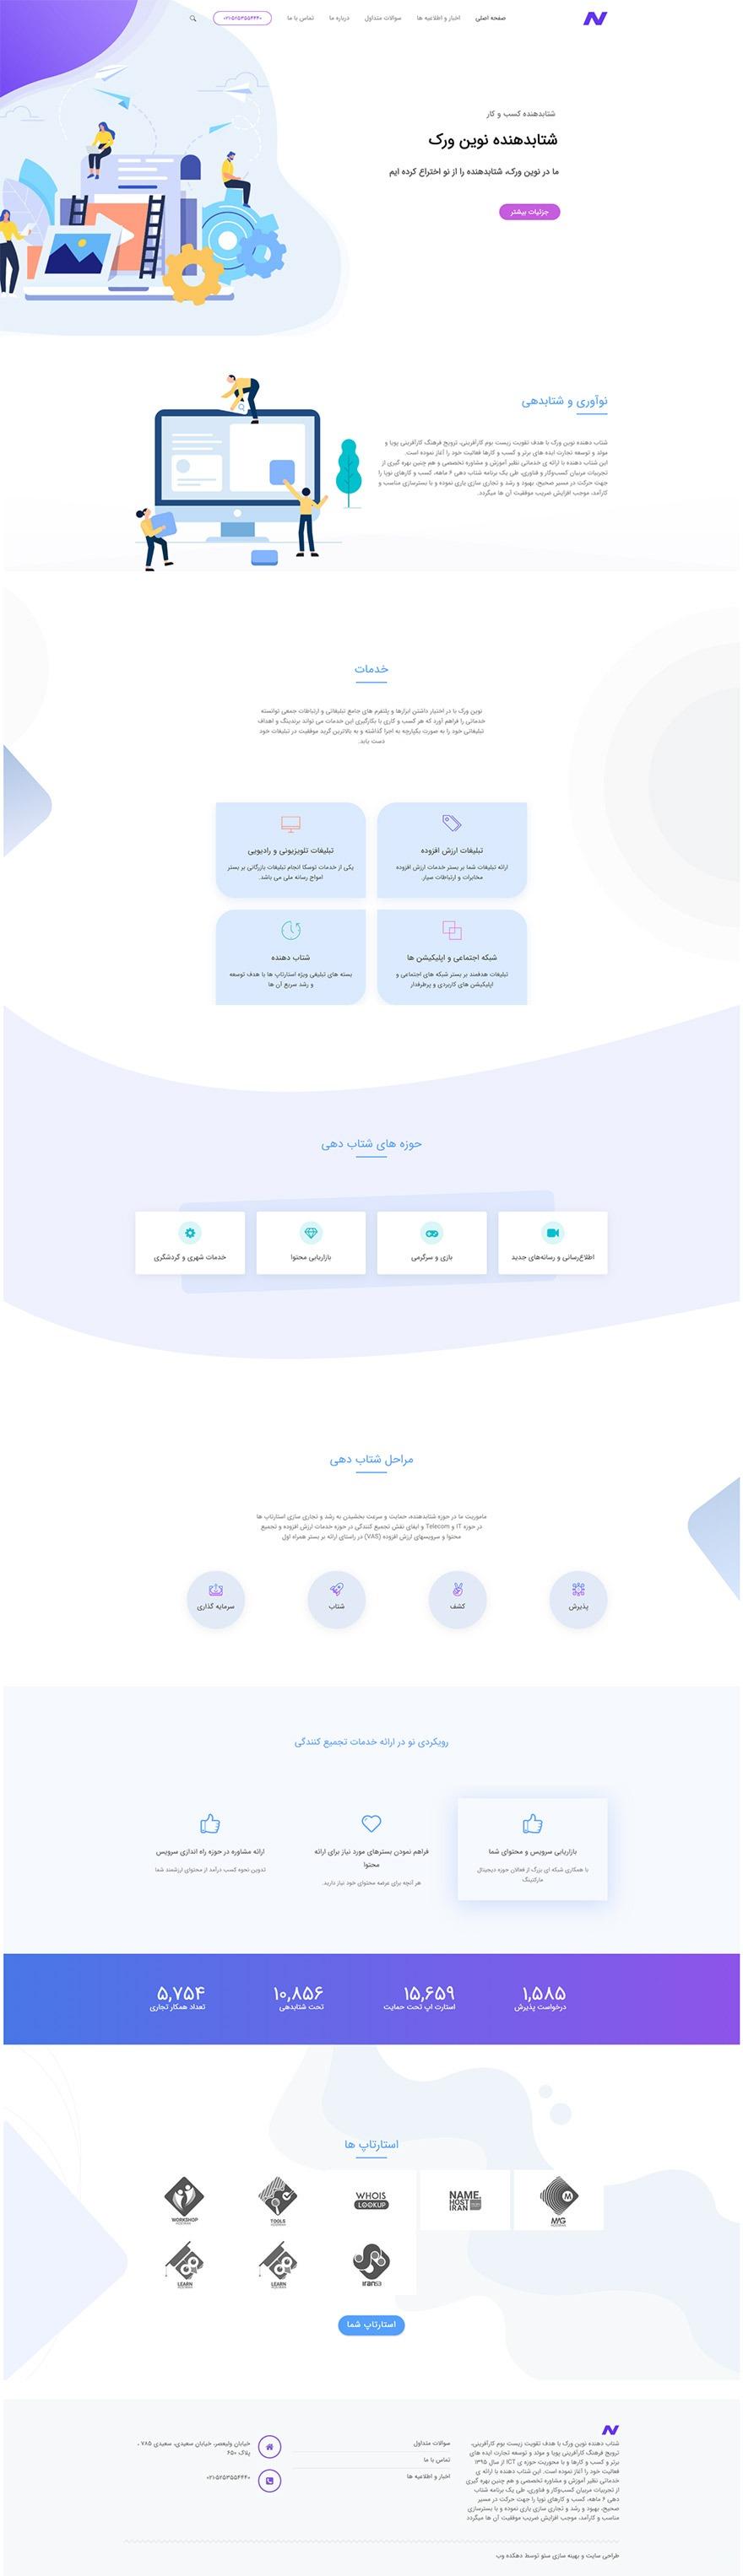 طراحی سایت شرکت شتابدهنده نوین ورک